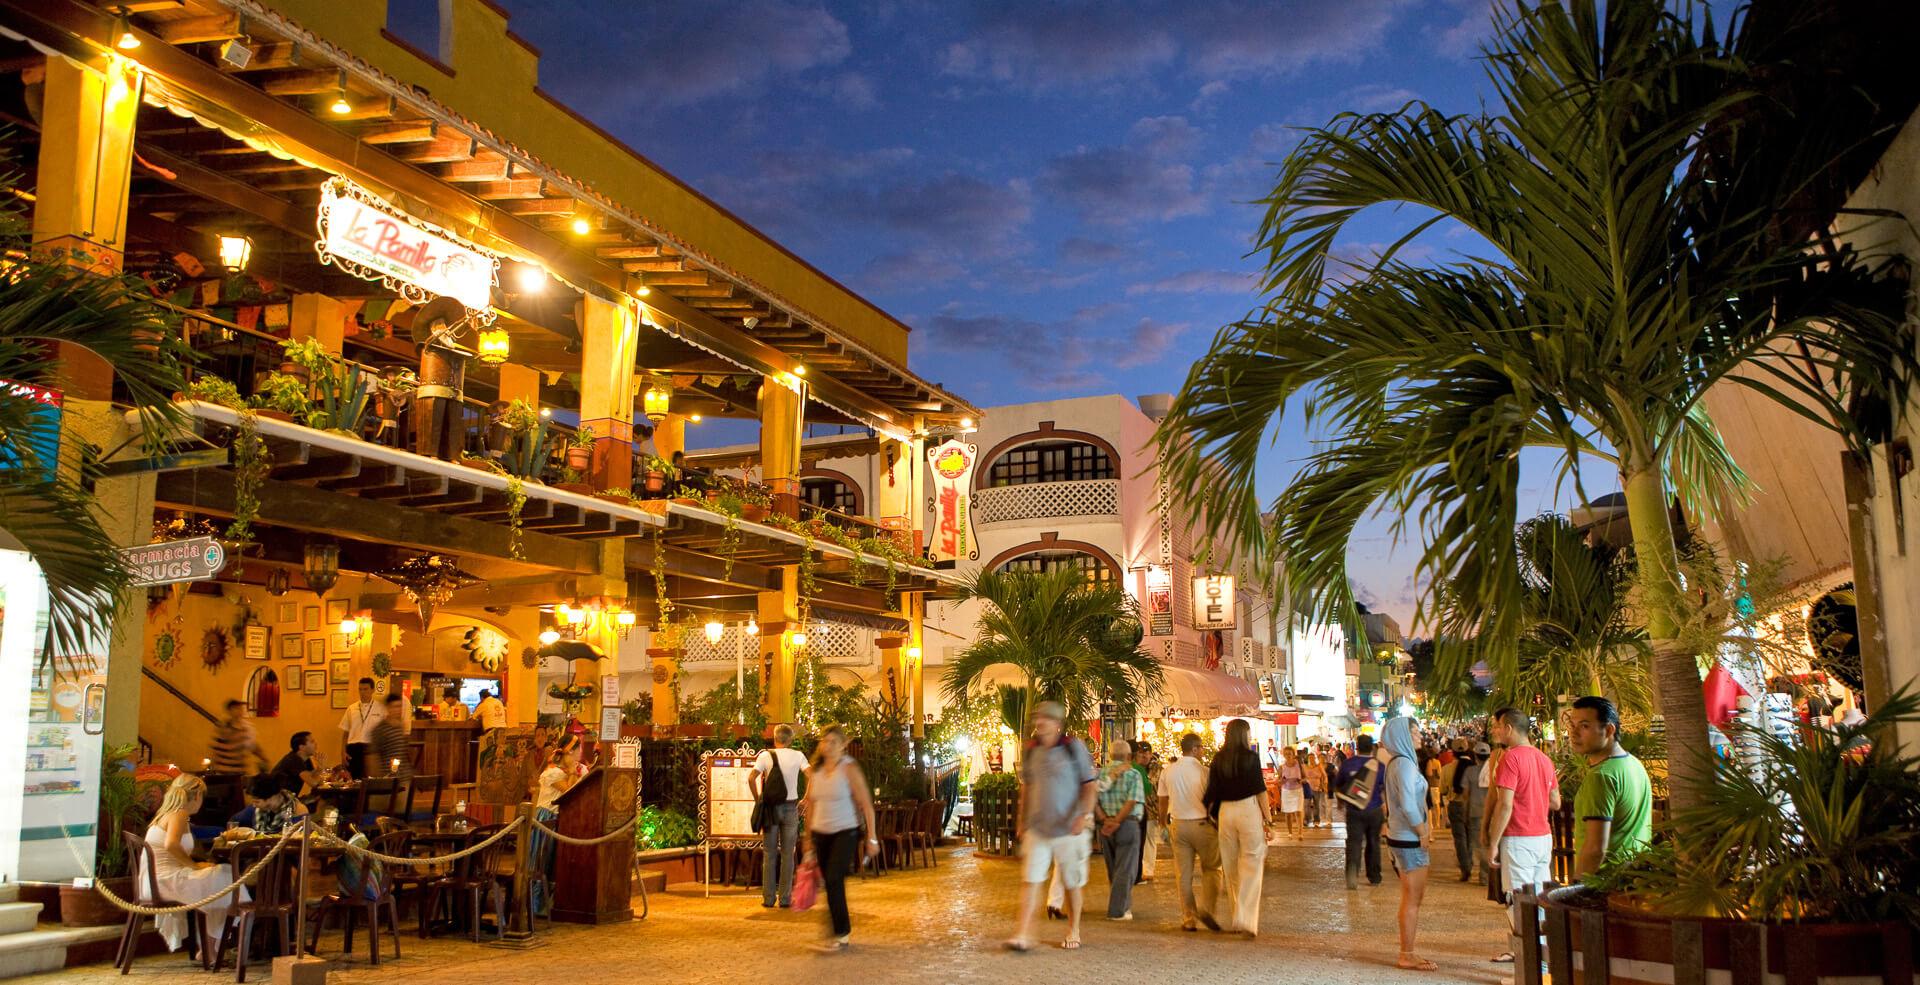 Descubre Playa del Carmen, Quintana Roo